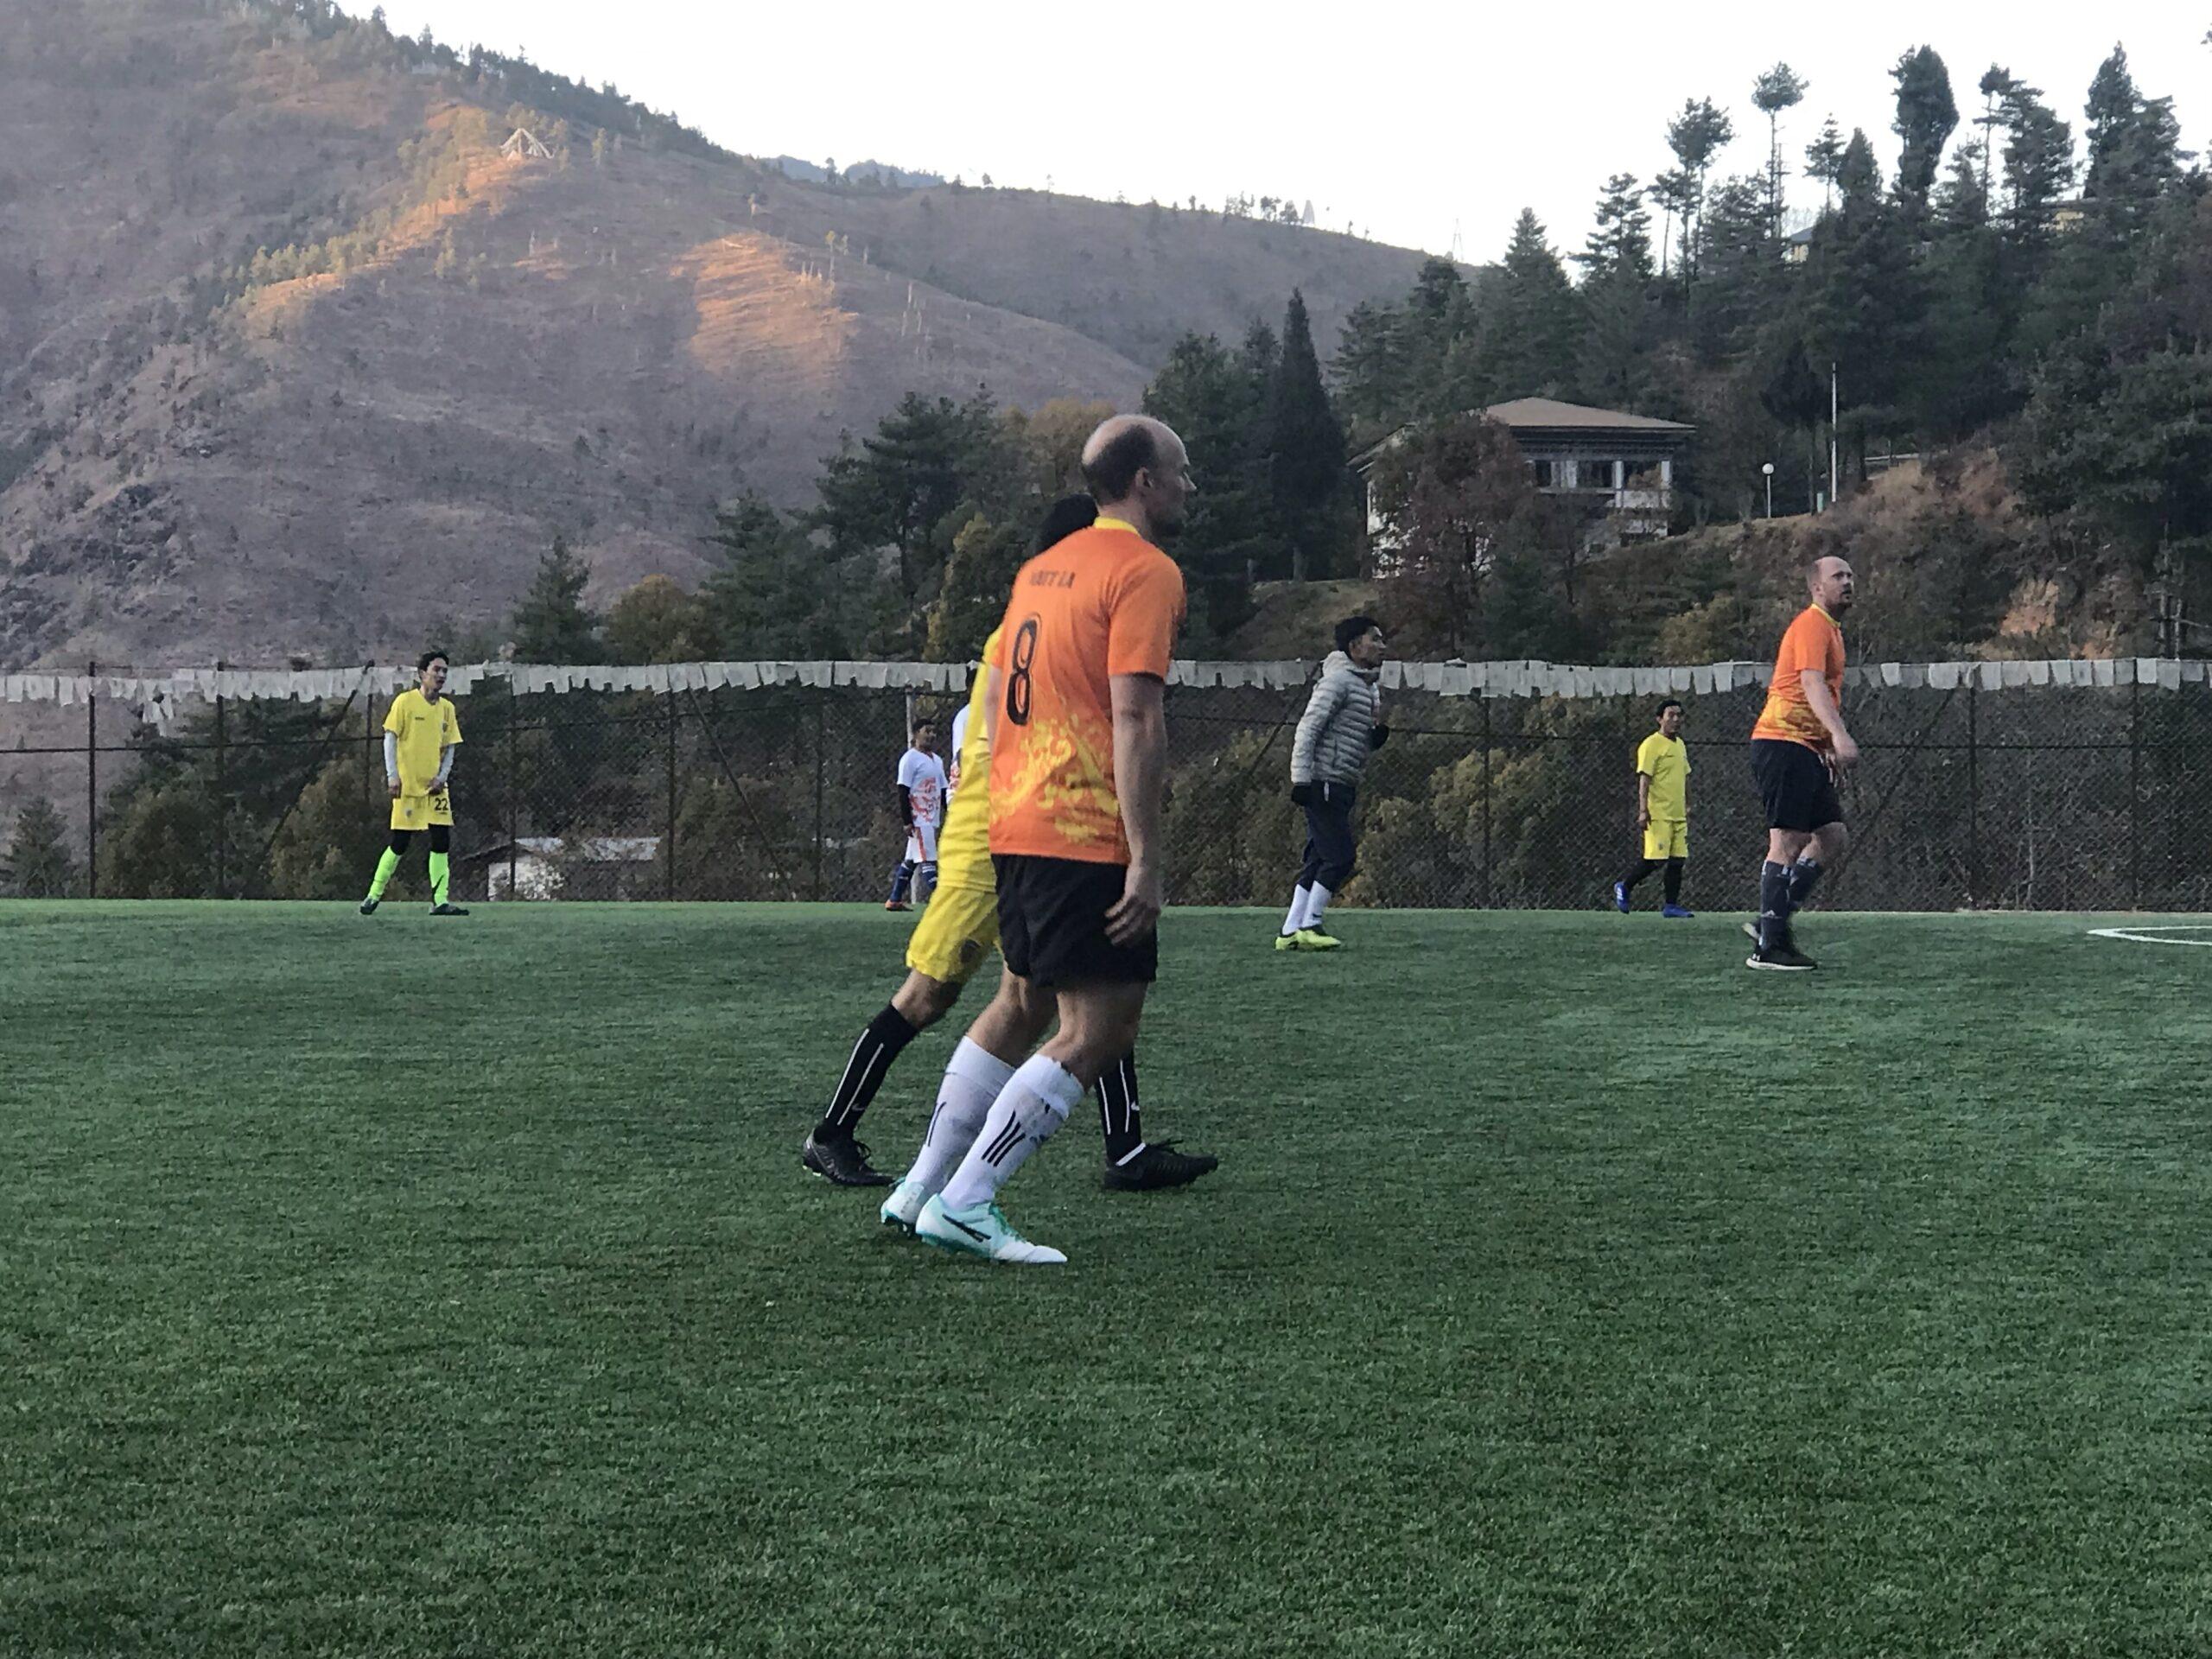 A football match in Bhutan